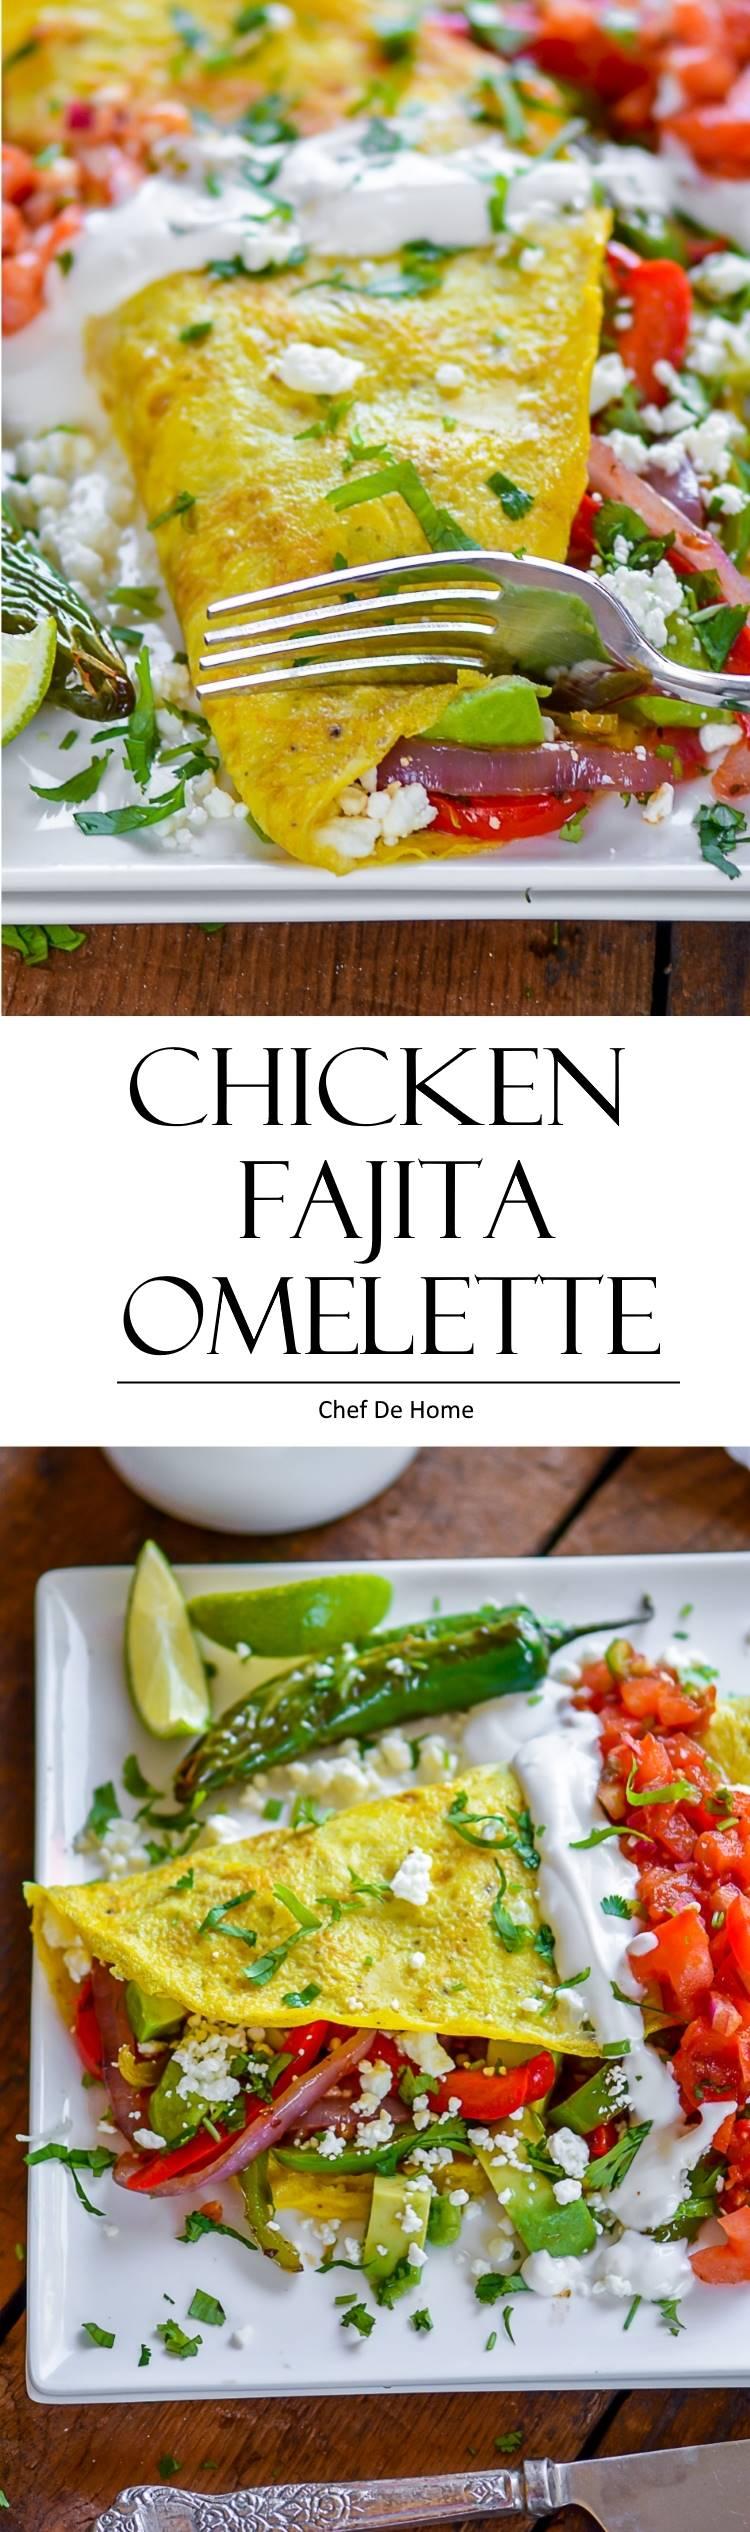 Ihop style Chicken Fajita Breakfast Omelette | chefdehome.com